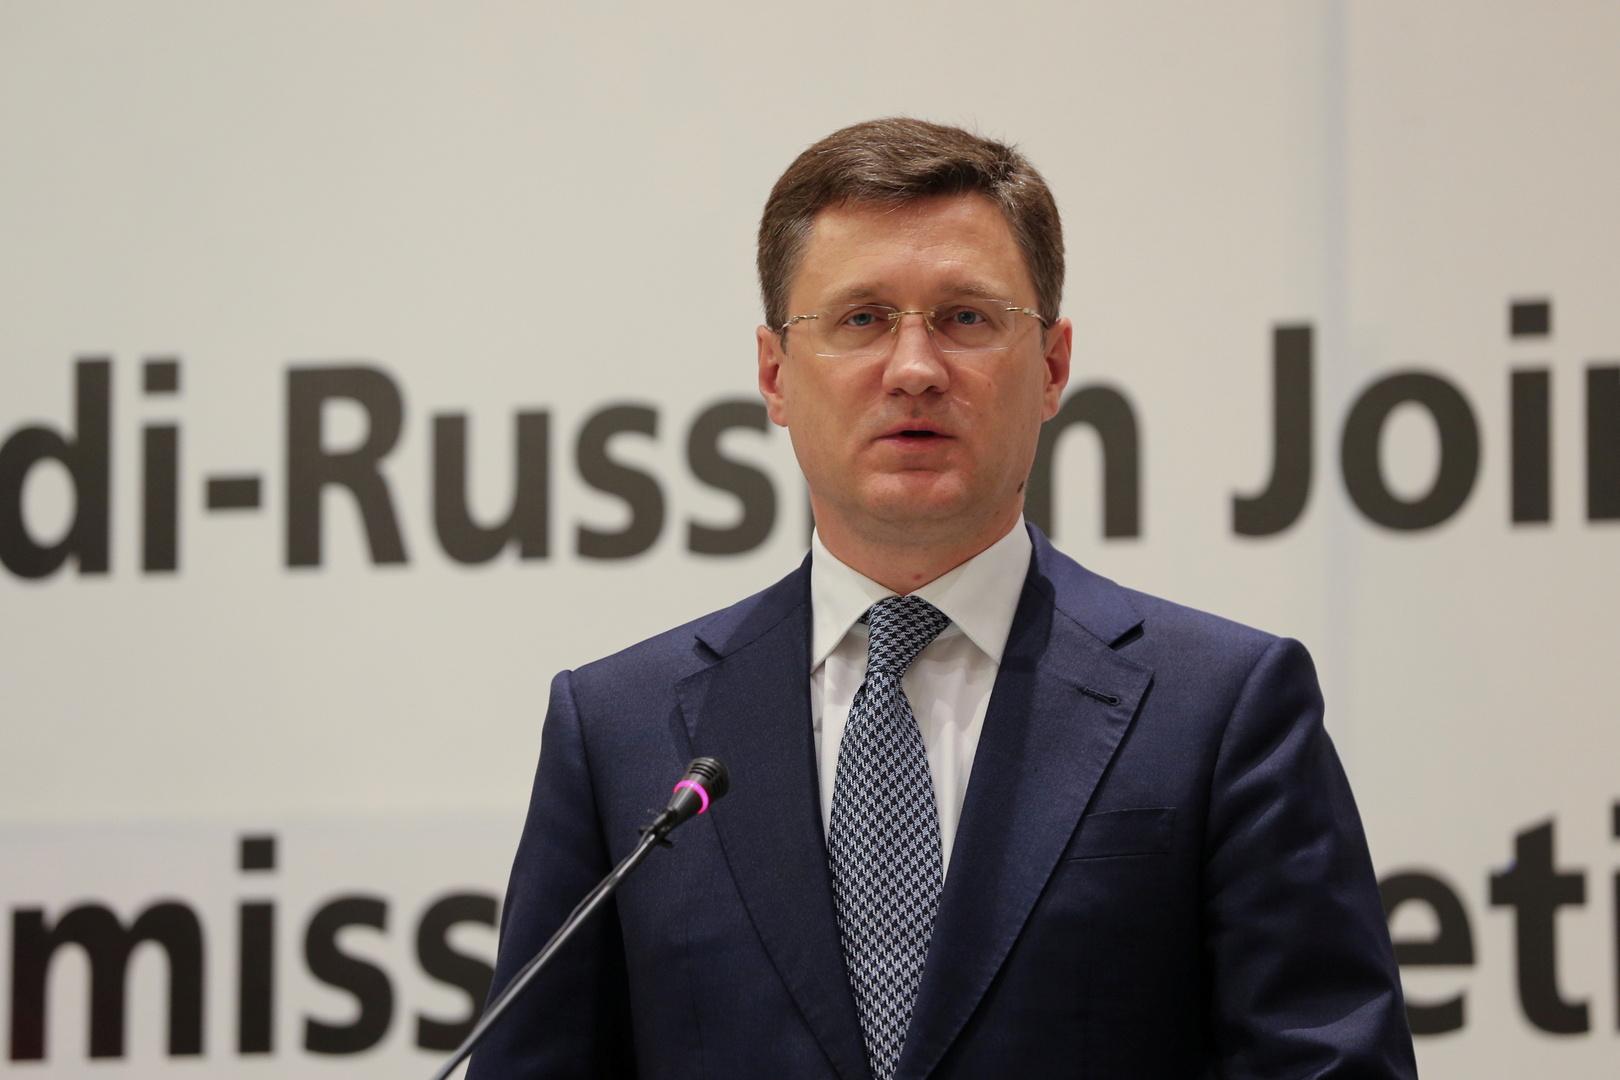 صورة من الأرشيف - نائب رئيس الوزراء الروسي ألكسندر نوفاك